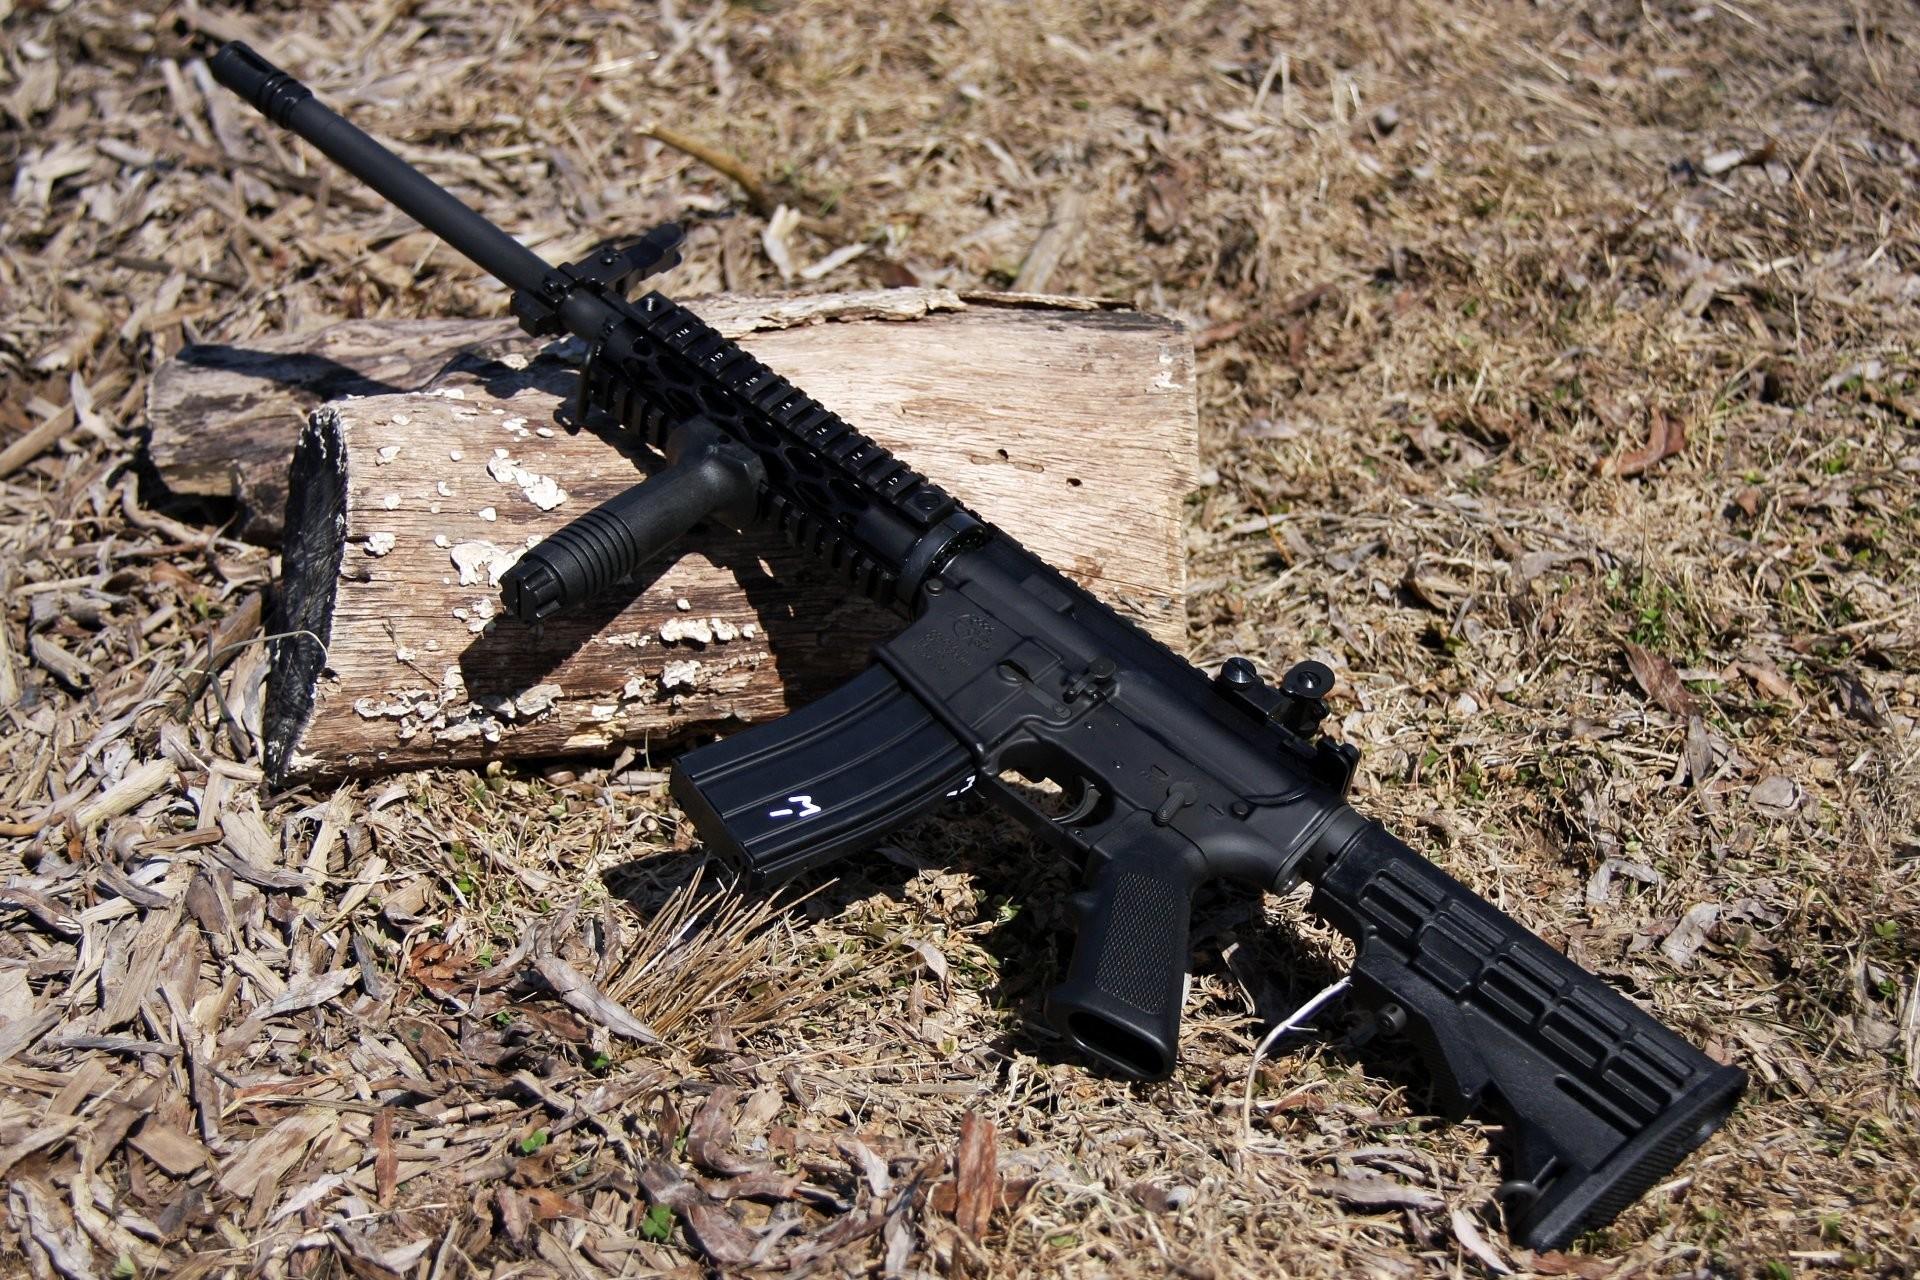 ar-15 assault rifle assault rifle weapon